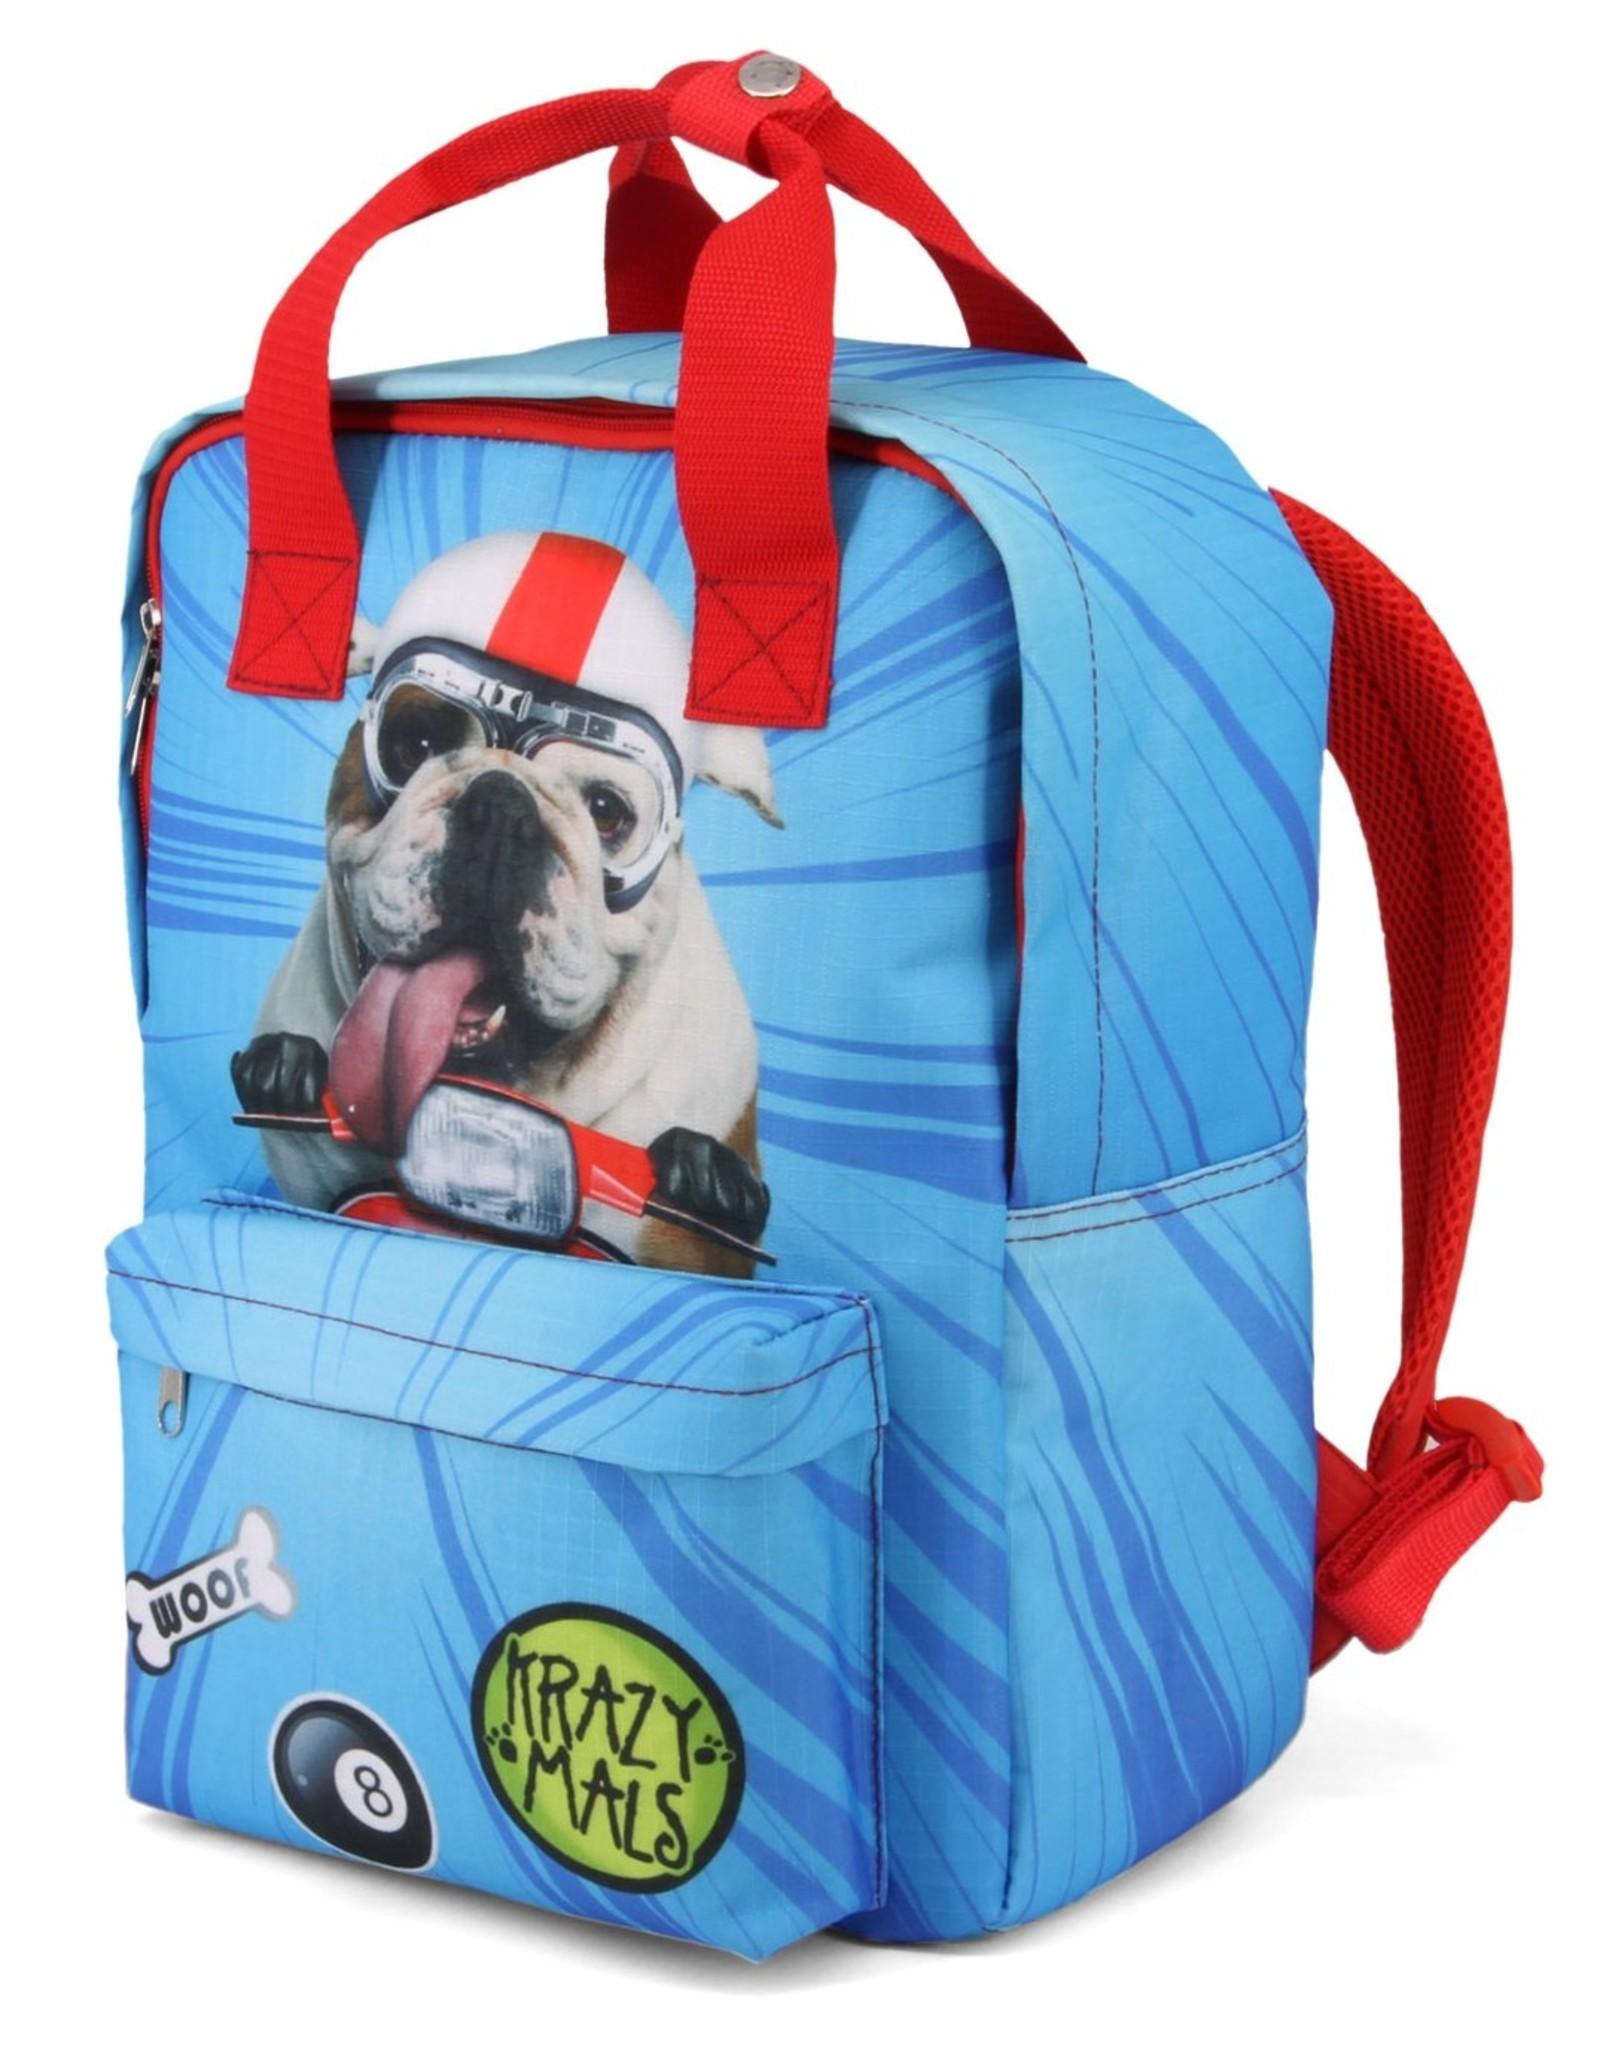 Krazymals Rugzakken en heuptassen - Krazymals rugzak Bulldog met motorhelm en goggles